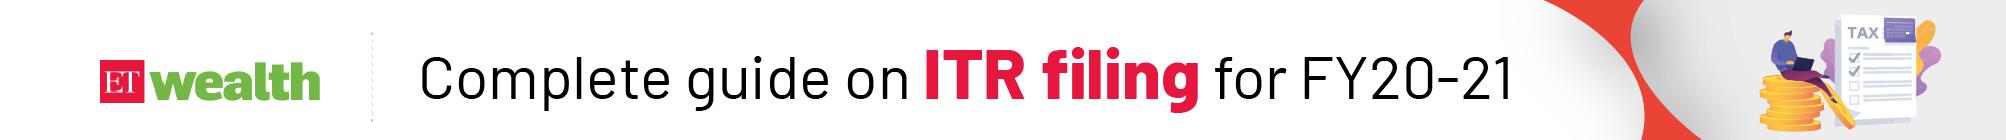 ITR filing guide